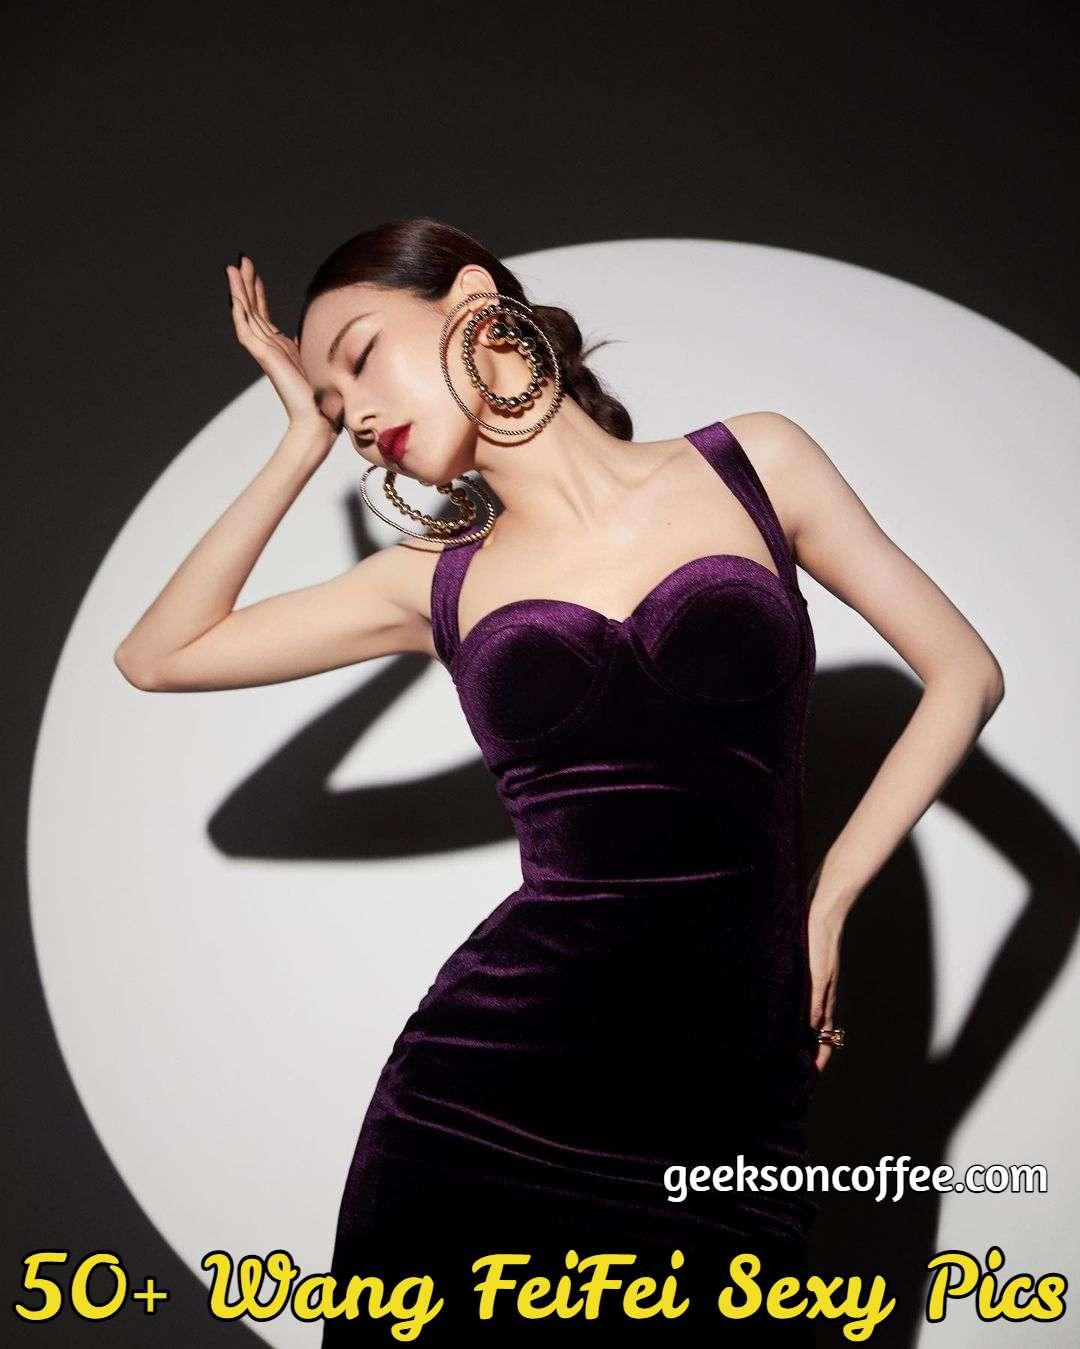 Wang FeiFei Sexy Pics